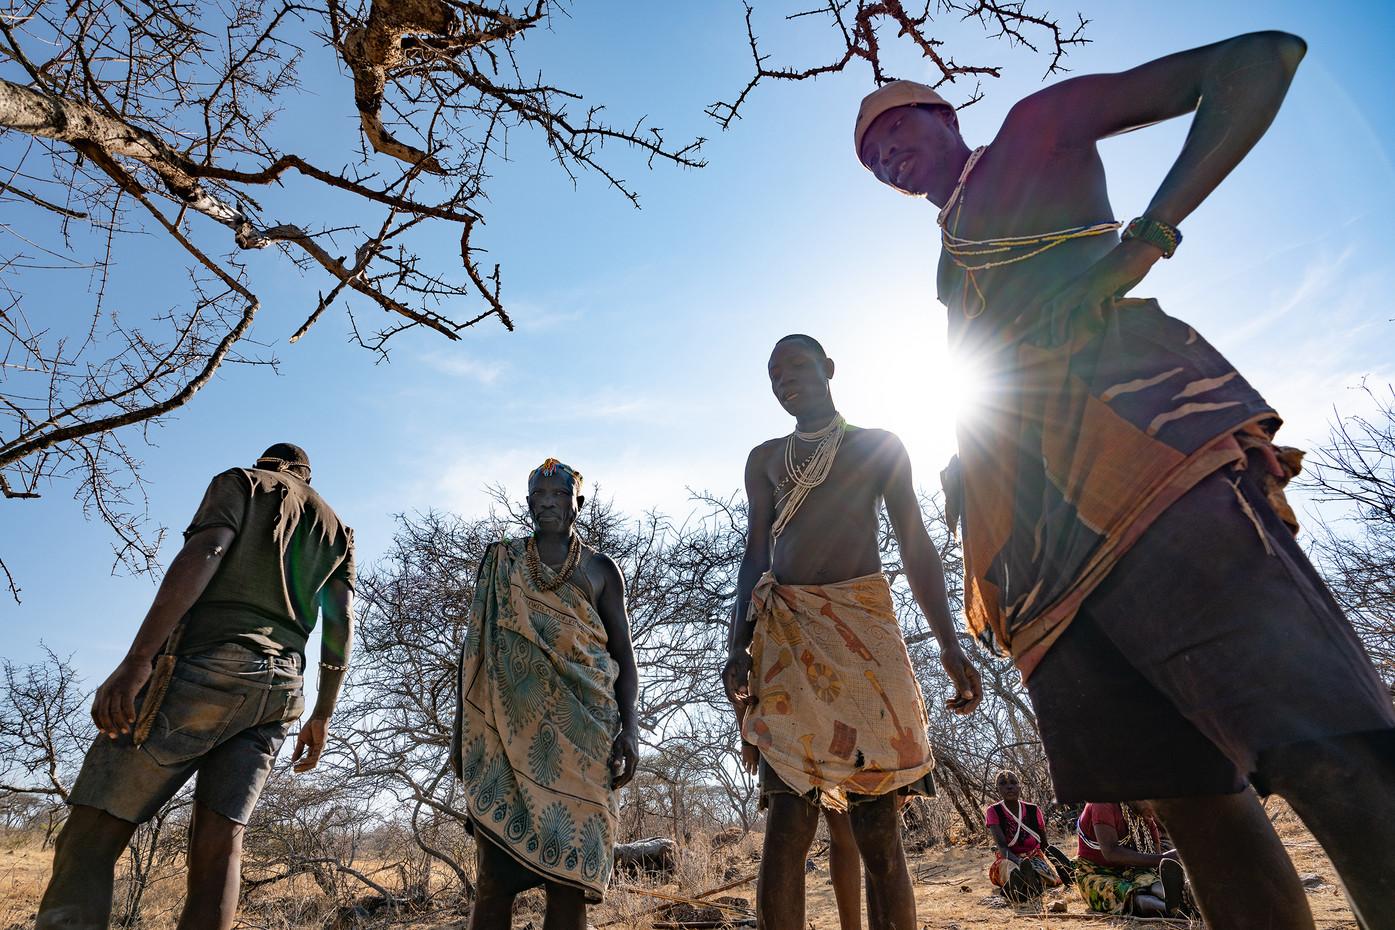 Hadza bushmen in Mwiba Reserve, Tanzania